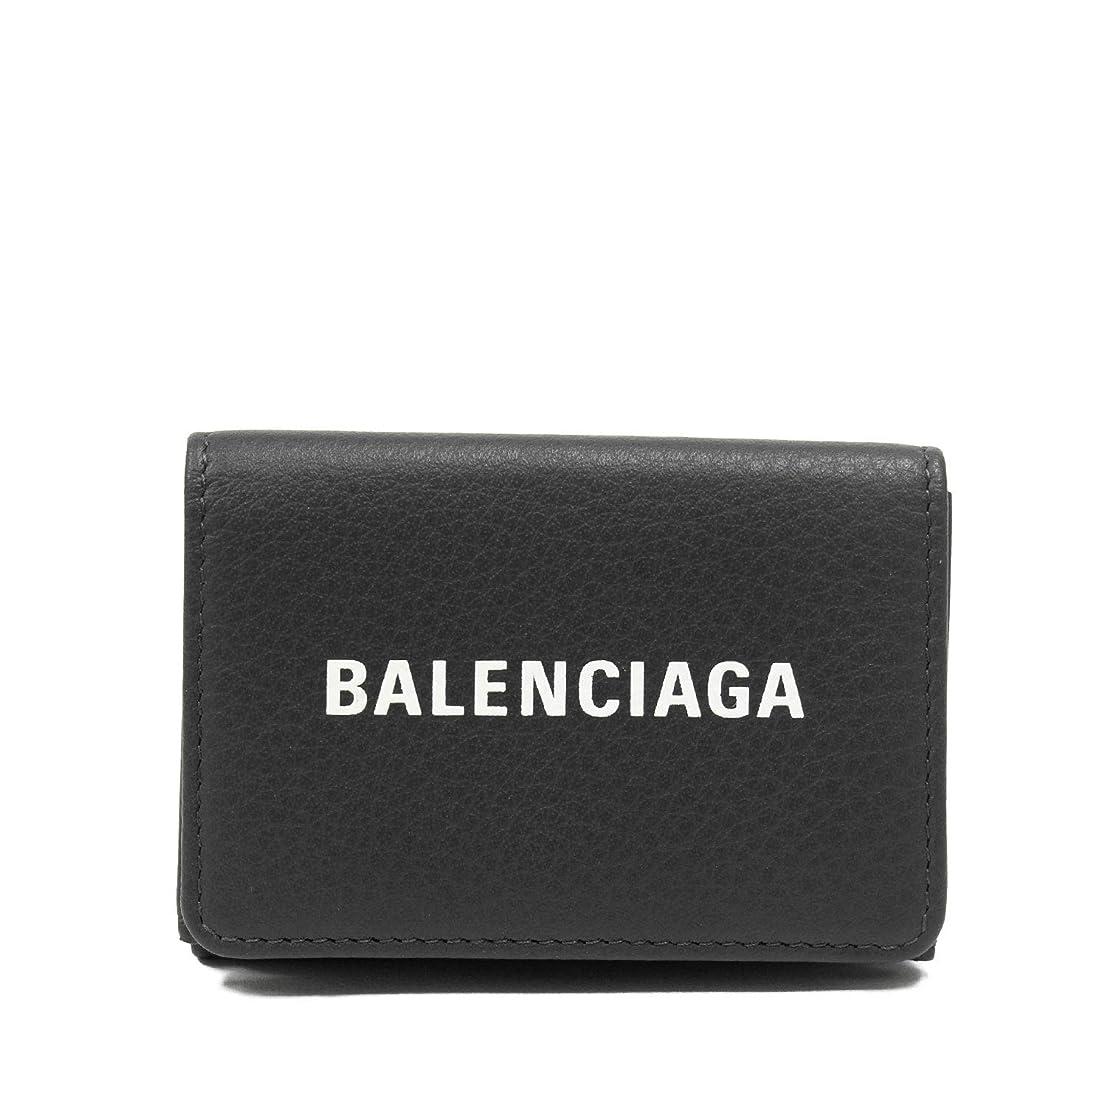 チャンス父方の位置する(バレンシアガ)BALENCIAGA EVERYDAY 三つ折り財布【チャコールグレー】551921 DLQ4N 1160 [並行輸入品]